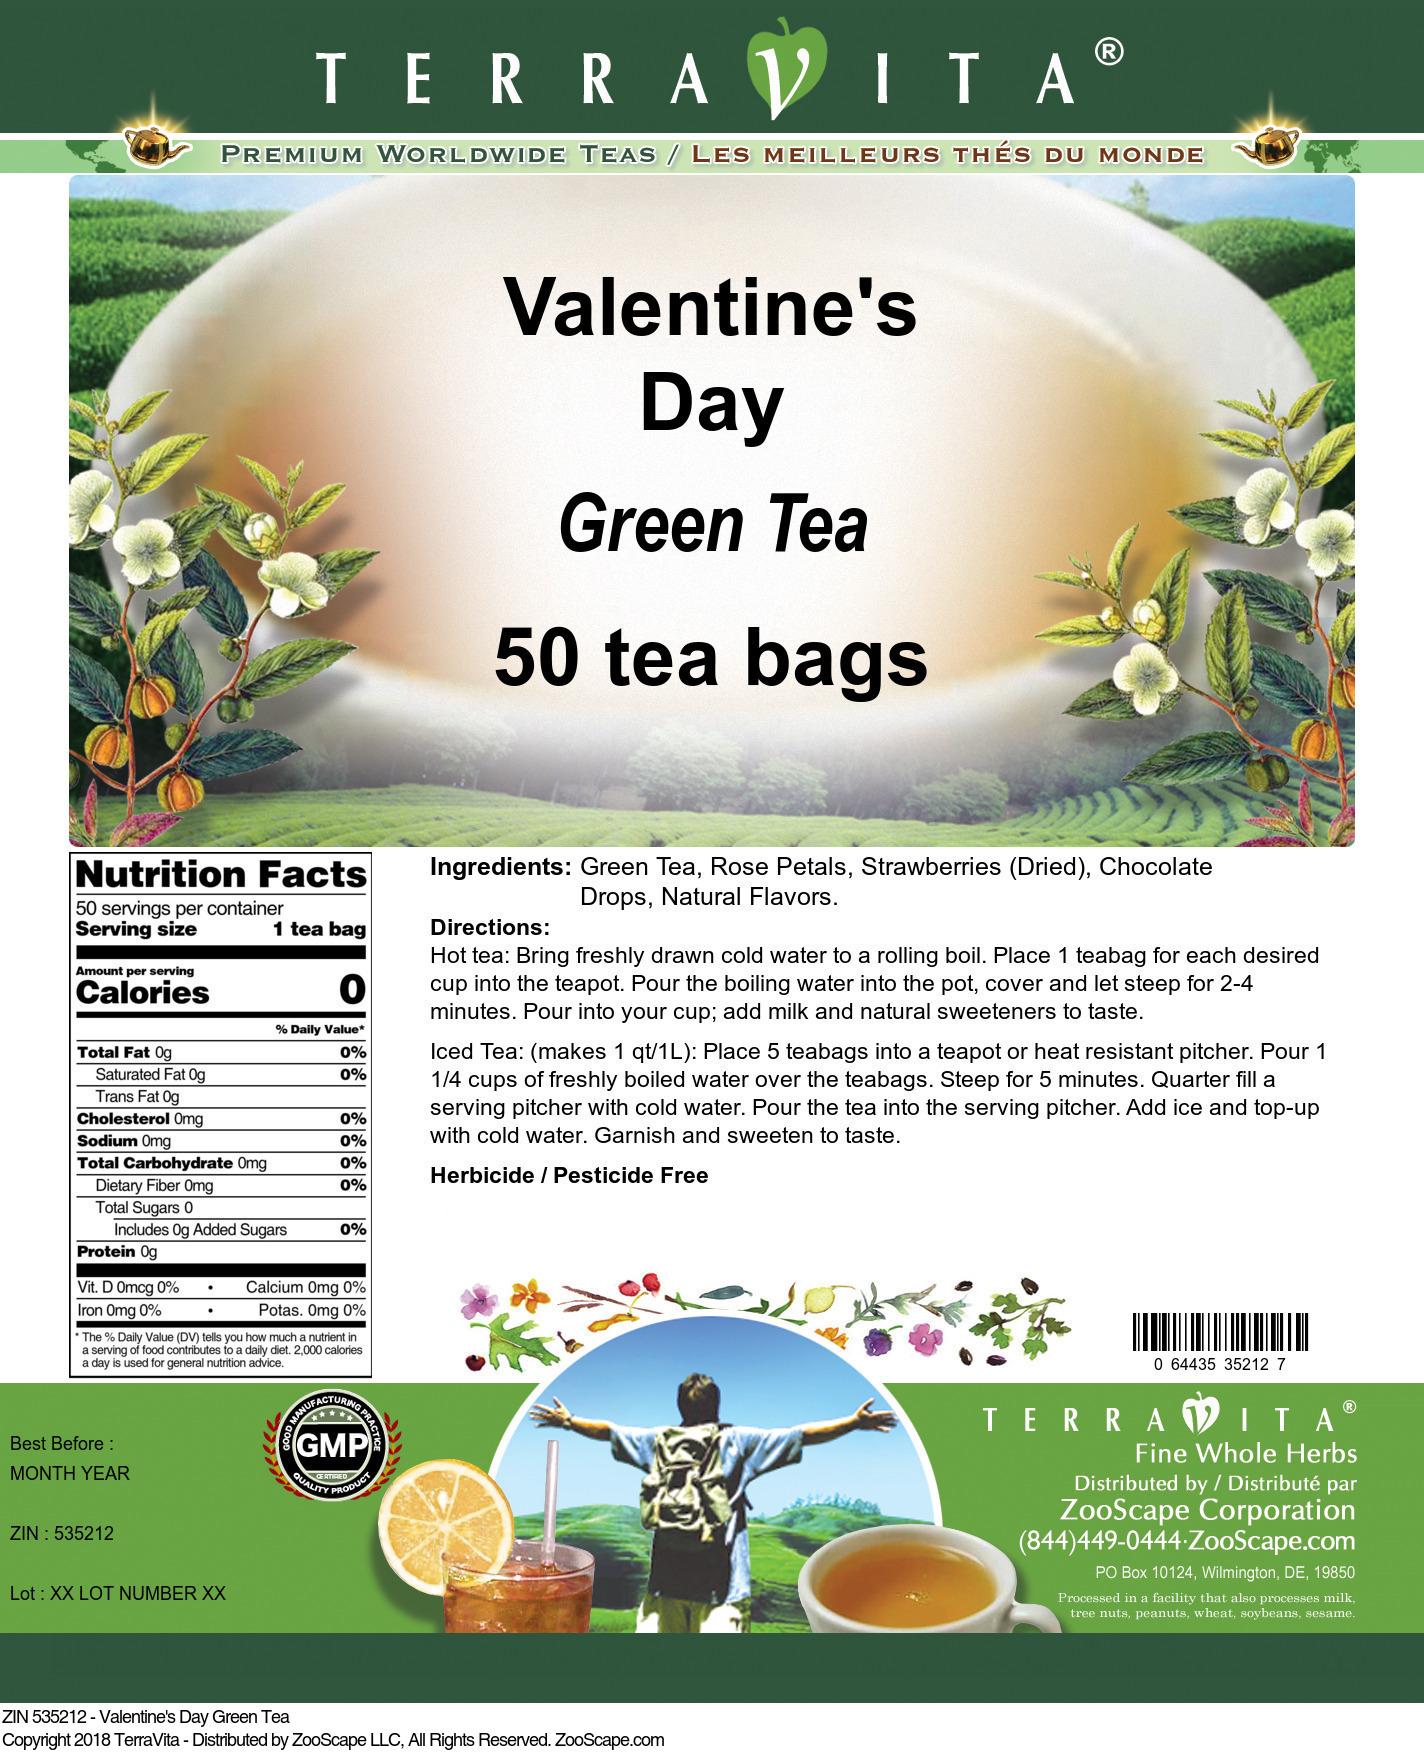 Valentine's Day Green Tea